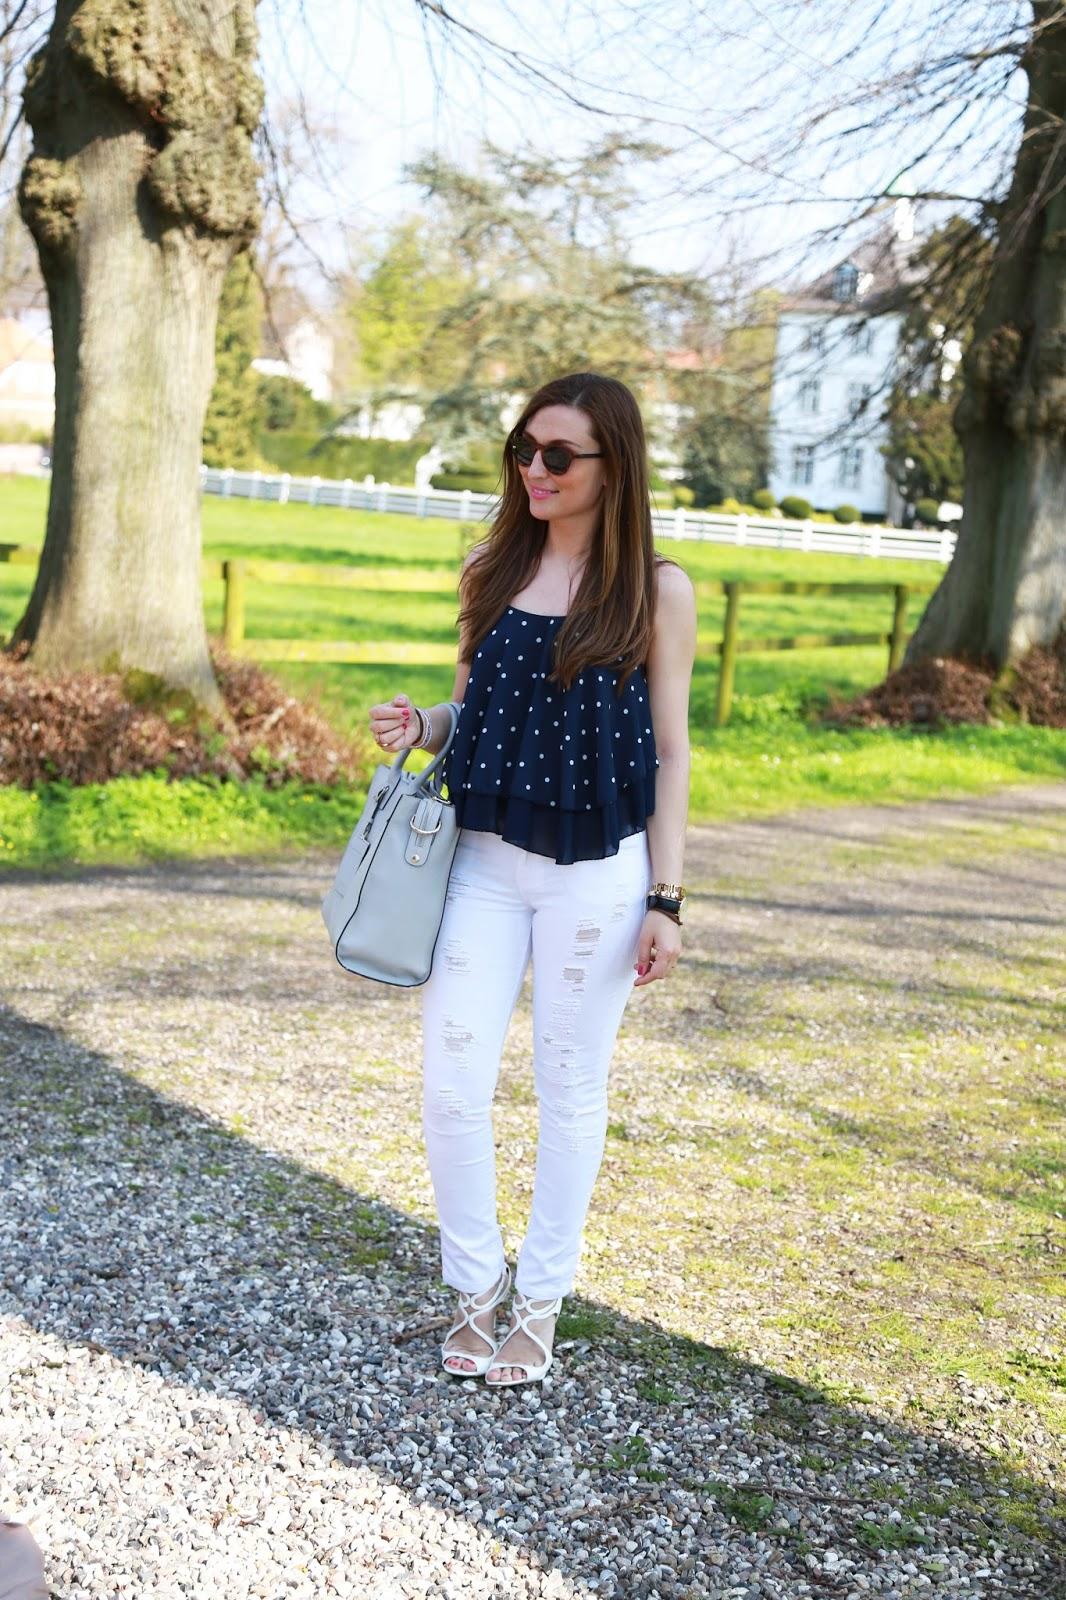 Weiße Sandaletten kombinieren - wie kombiniere ich weiße Schuhe - Sand Tasche Blogger PICARD - Fashionblogger aus Deutschland - Deutsche Fashionblogger